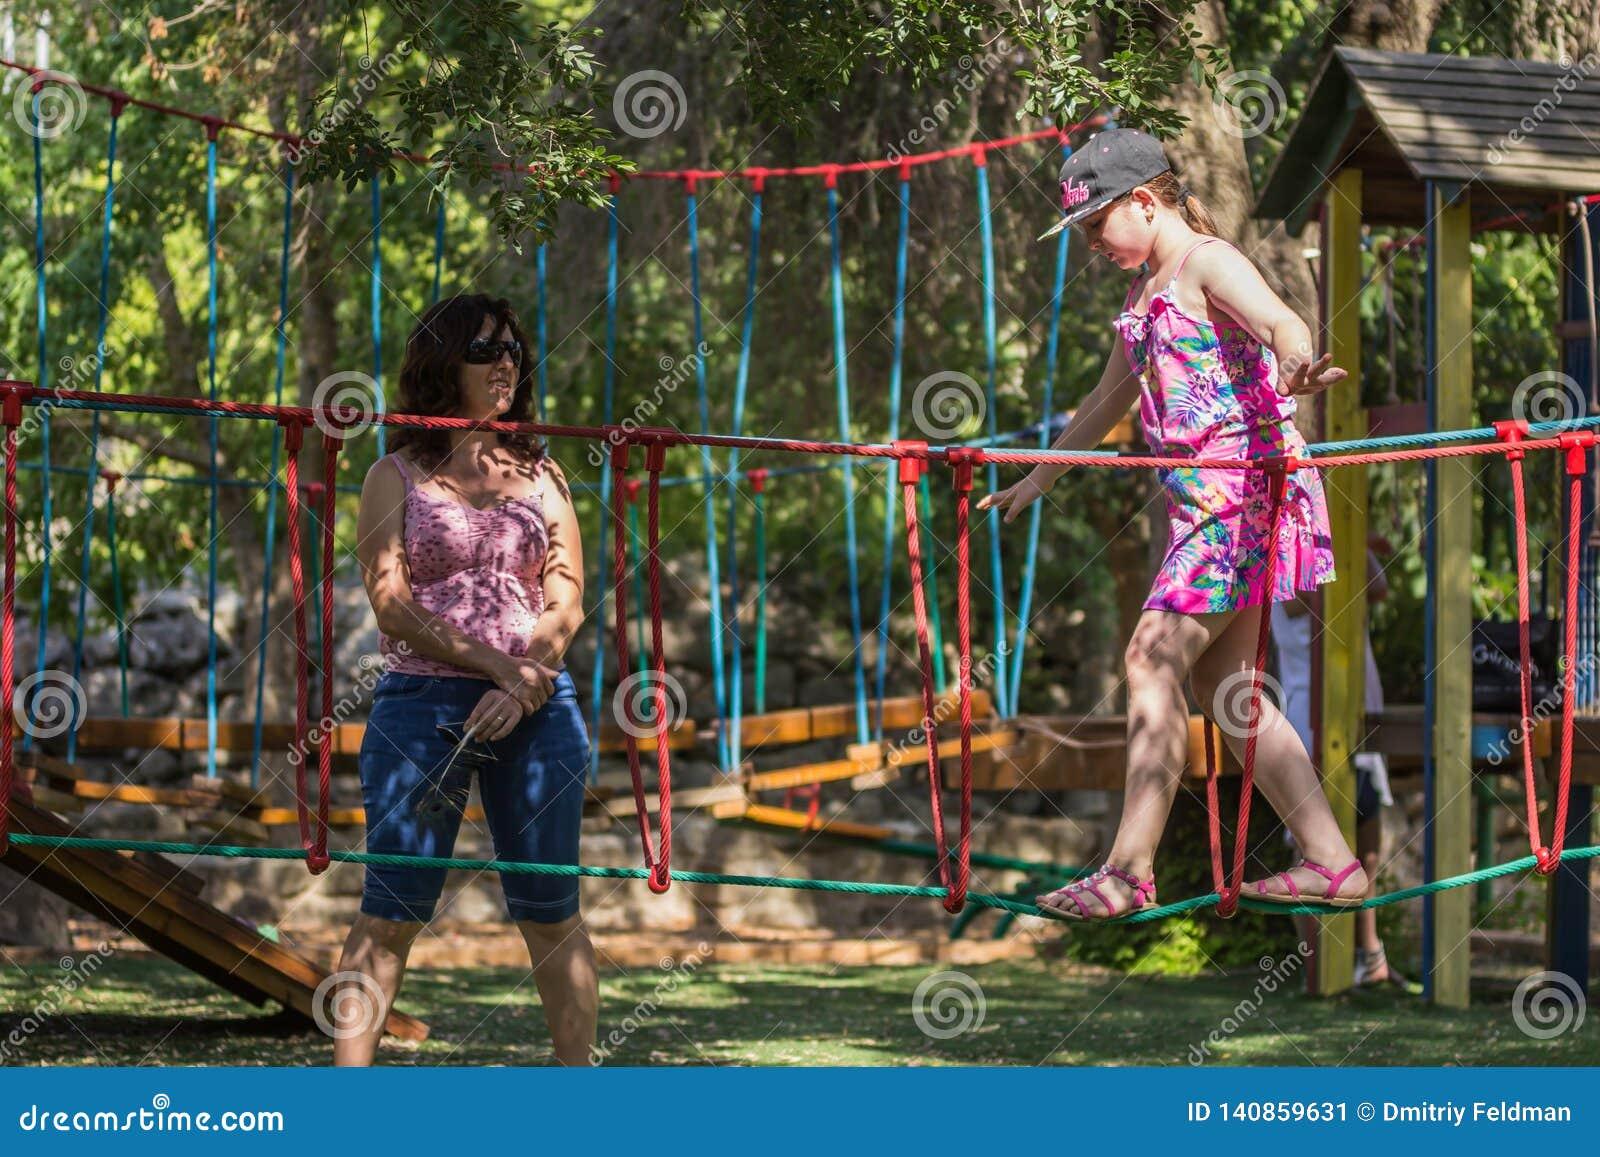 Το κορίτσι συμμετέχει στη γυμναστική στην παιδική χαρά